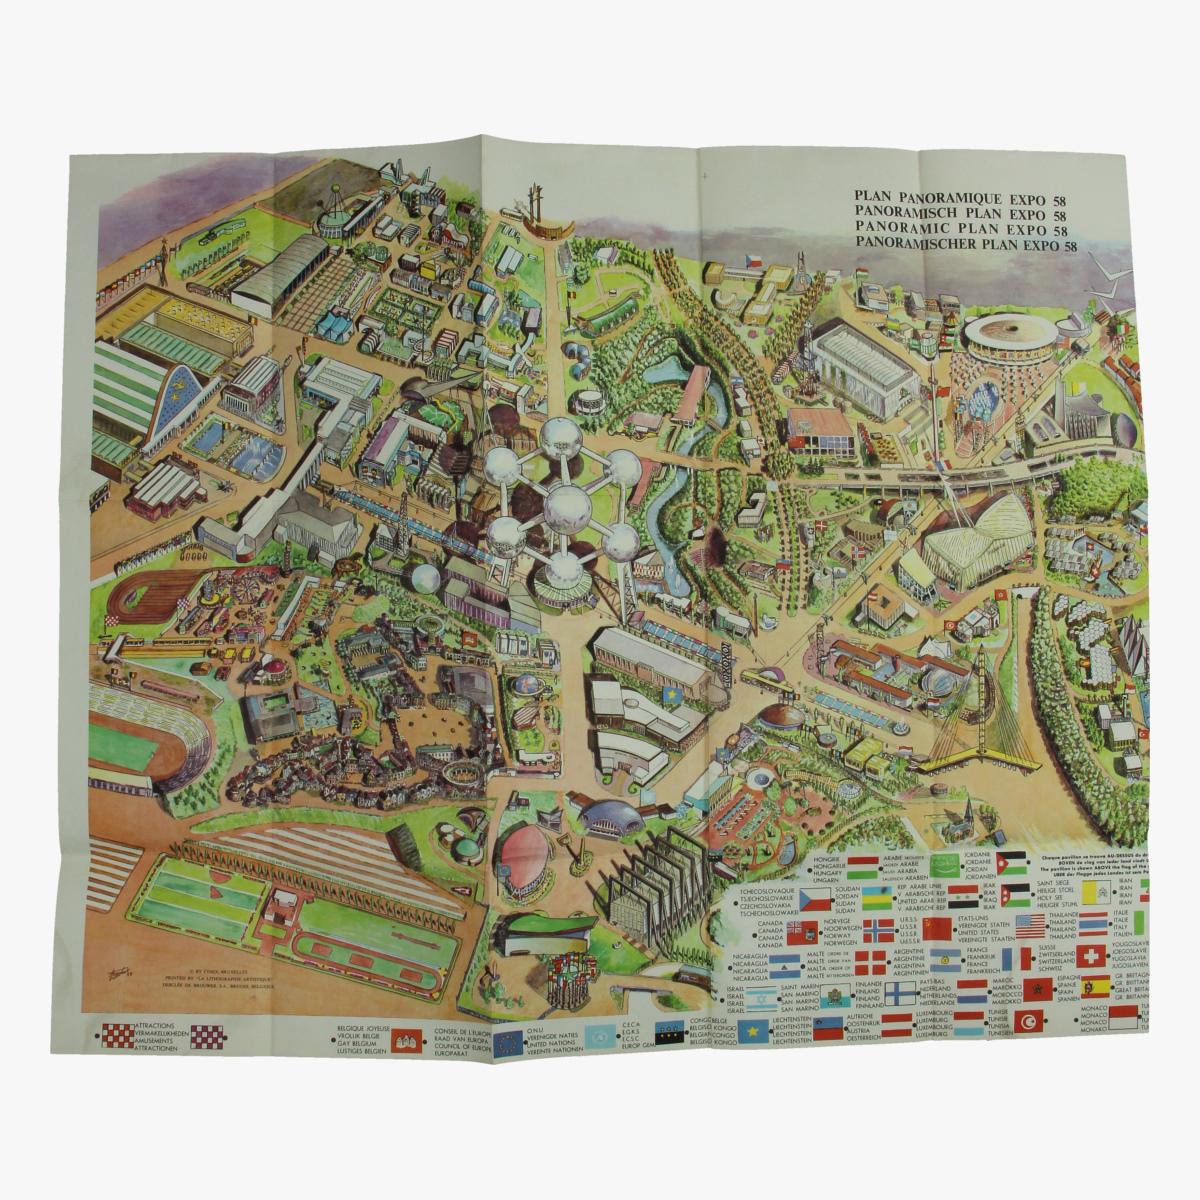 Afbeeldingen van panoramisch plan expo 58